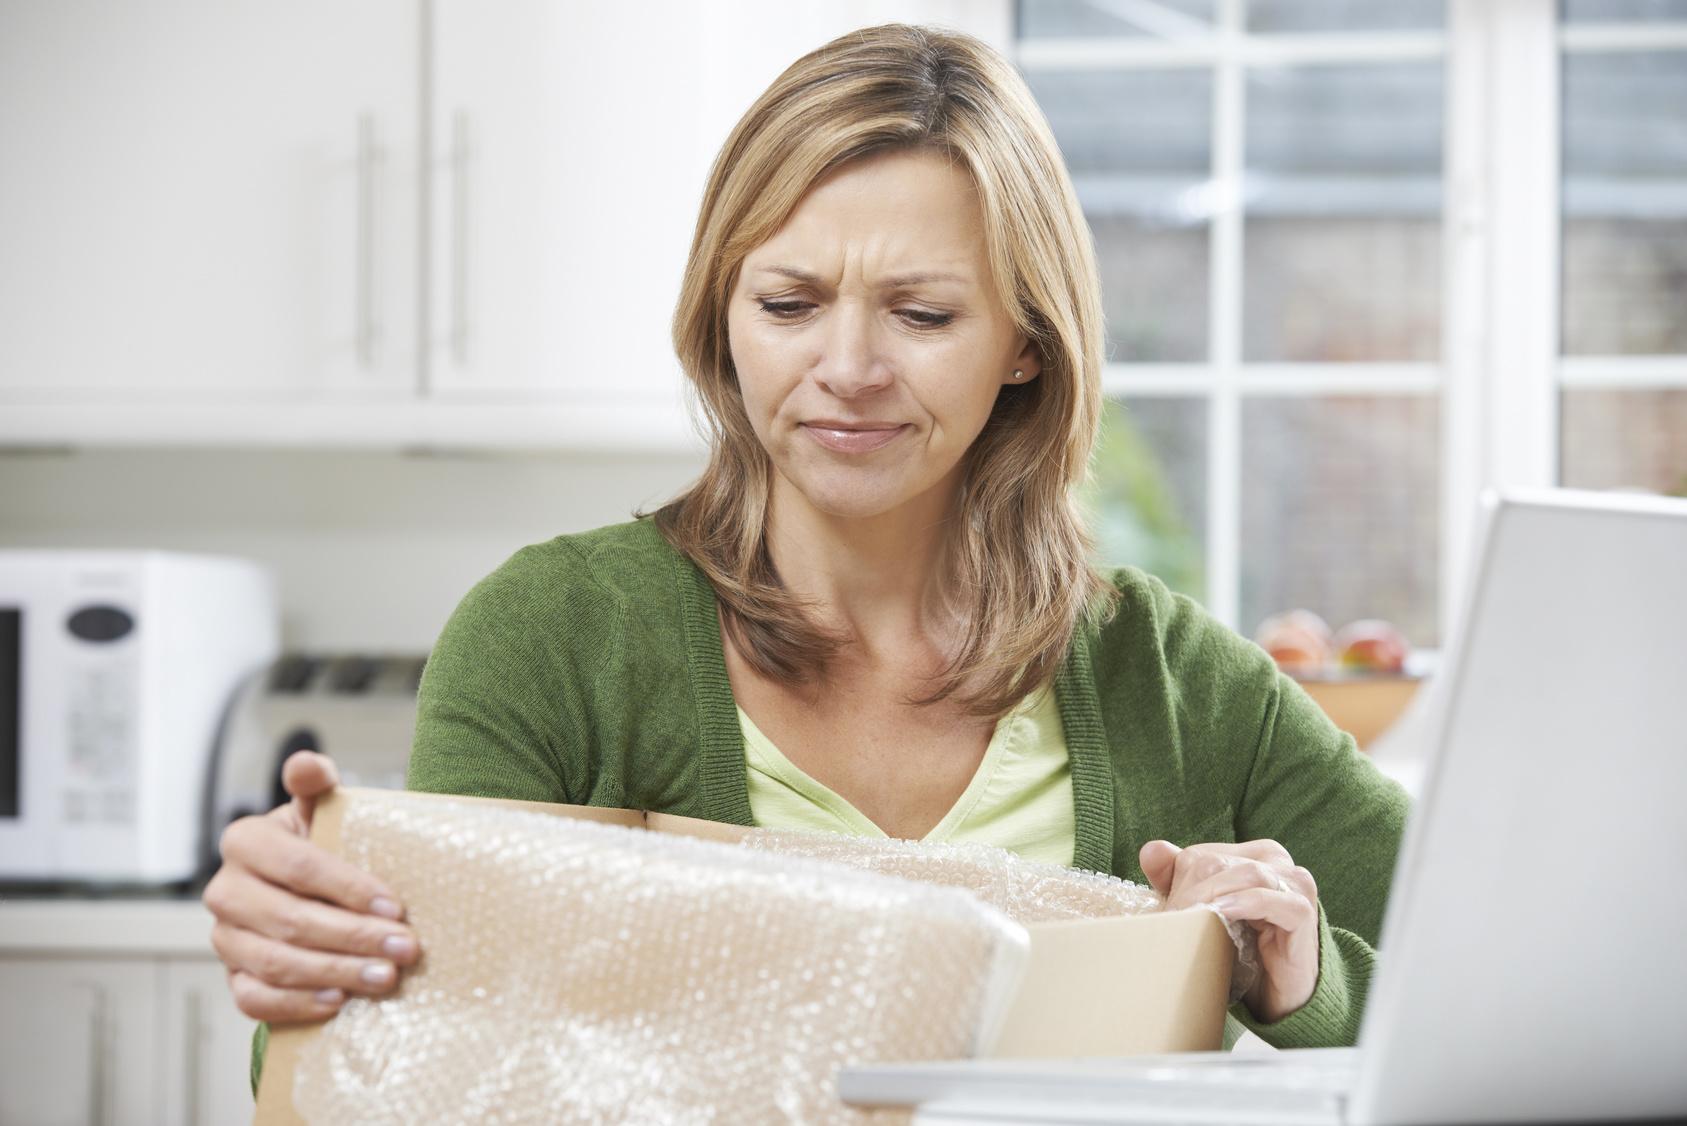 la livraison domicile reste une douleur dossiers lsa conso. Black Bedroom Furniture Sets. Home Design Ideas